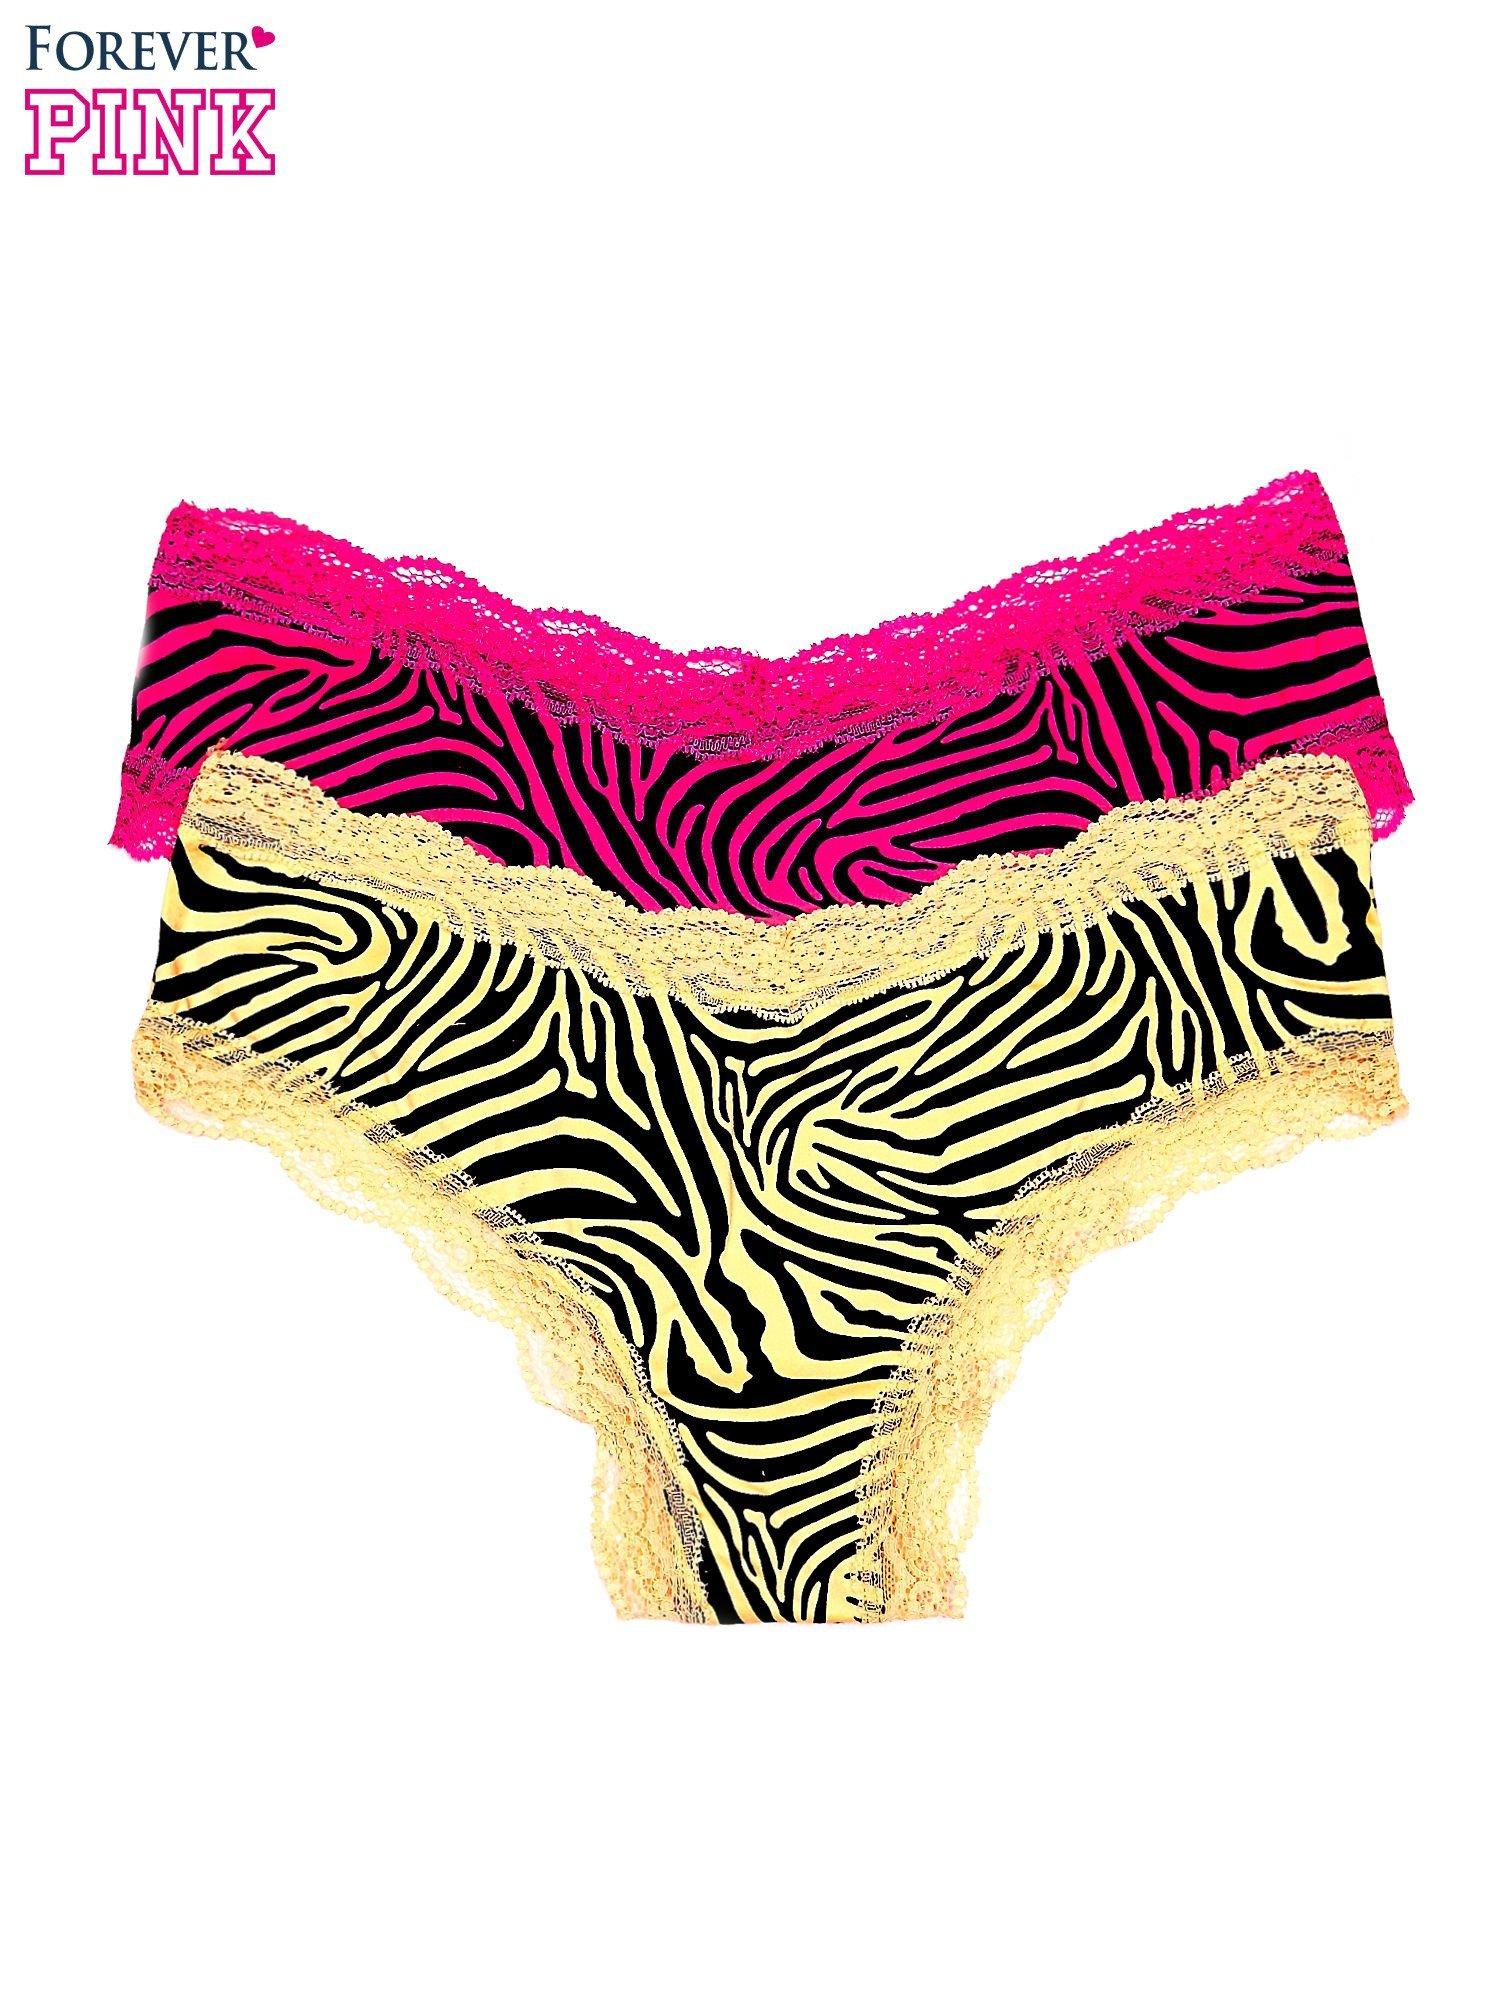 Figi damskie motyw zebry 2 szt.                                   zdj.                                  1